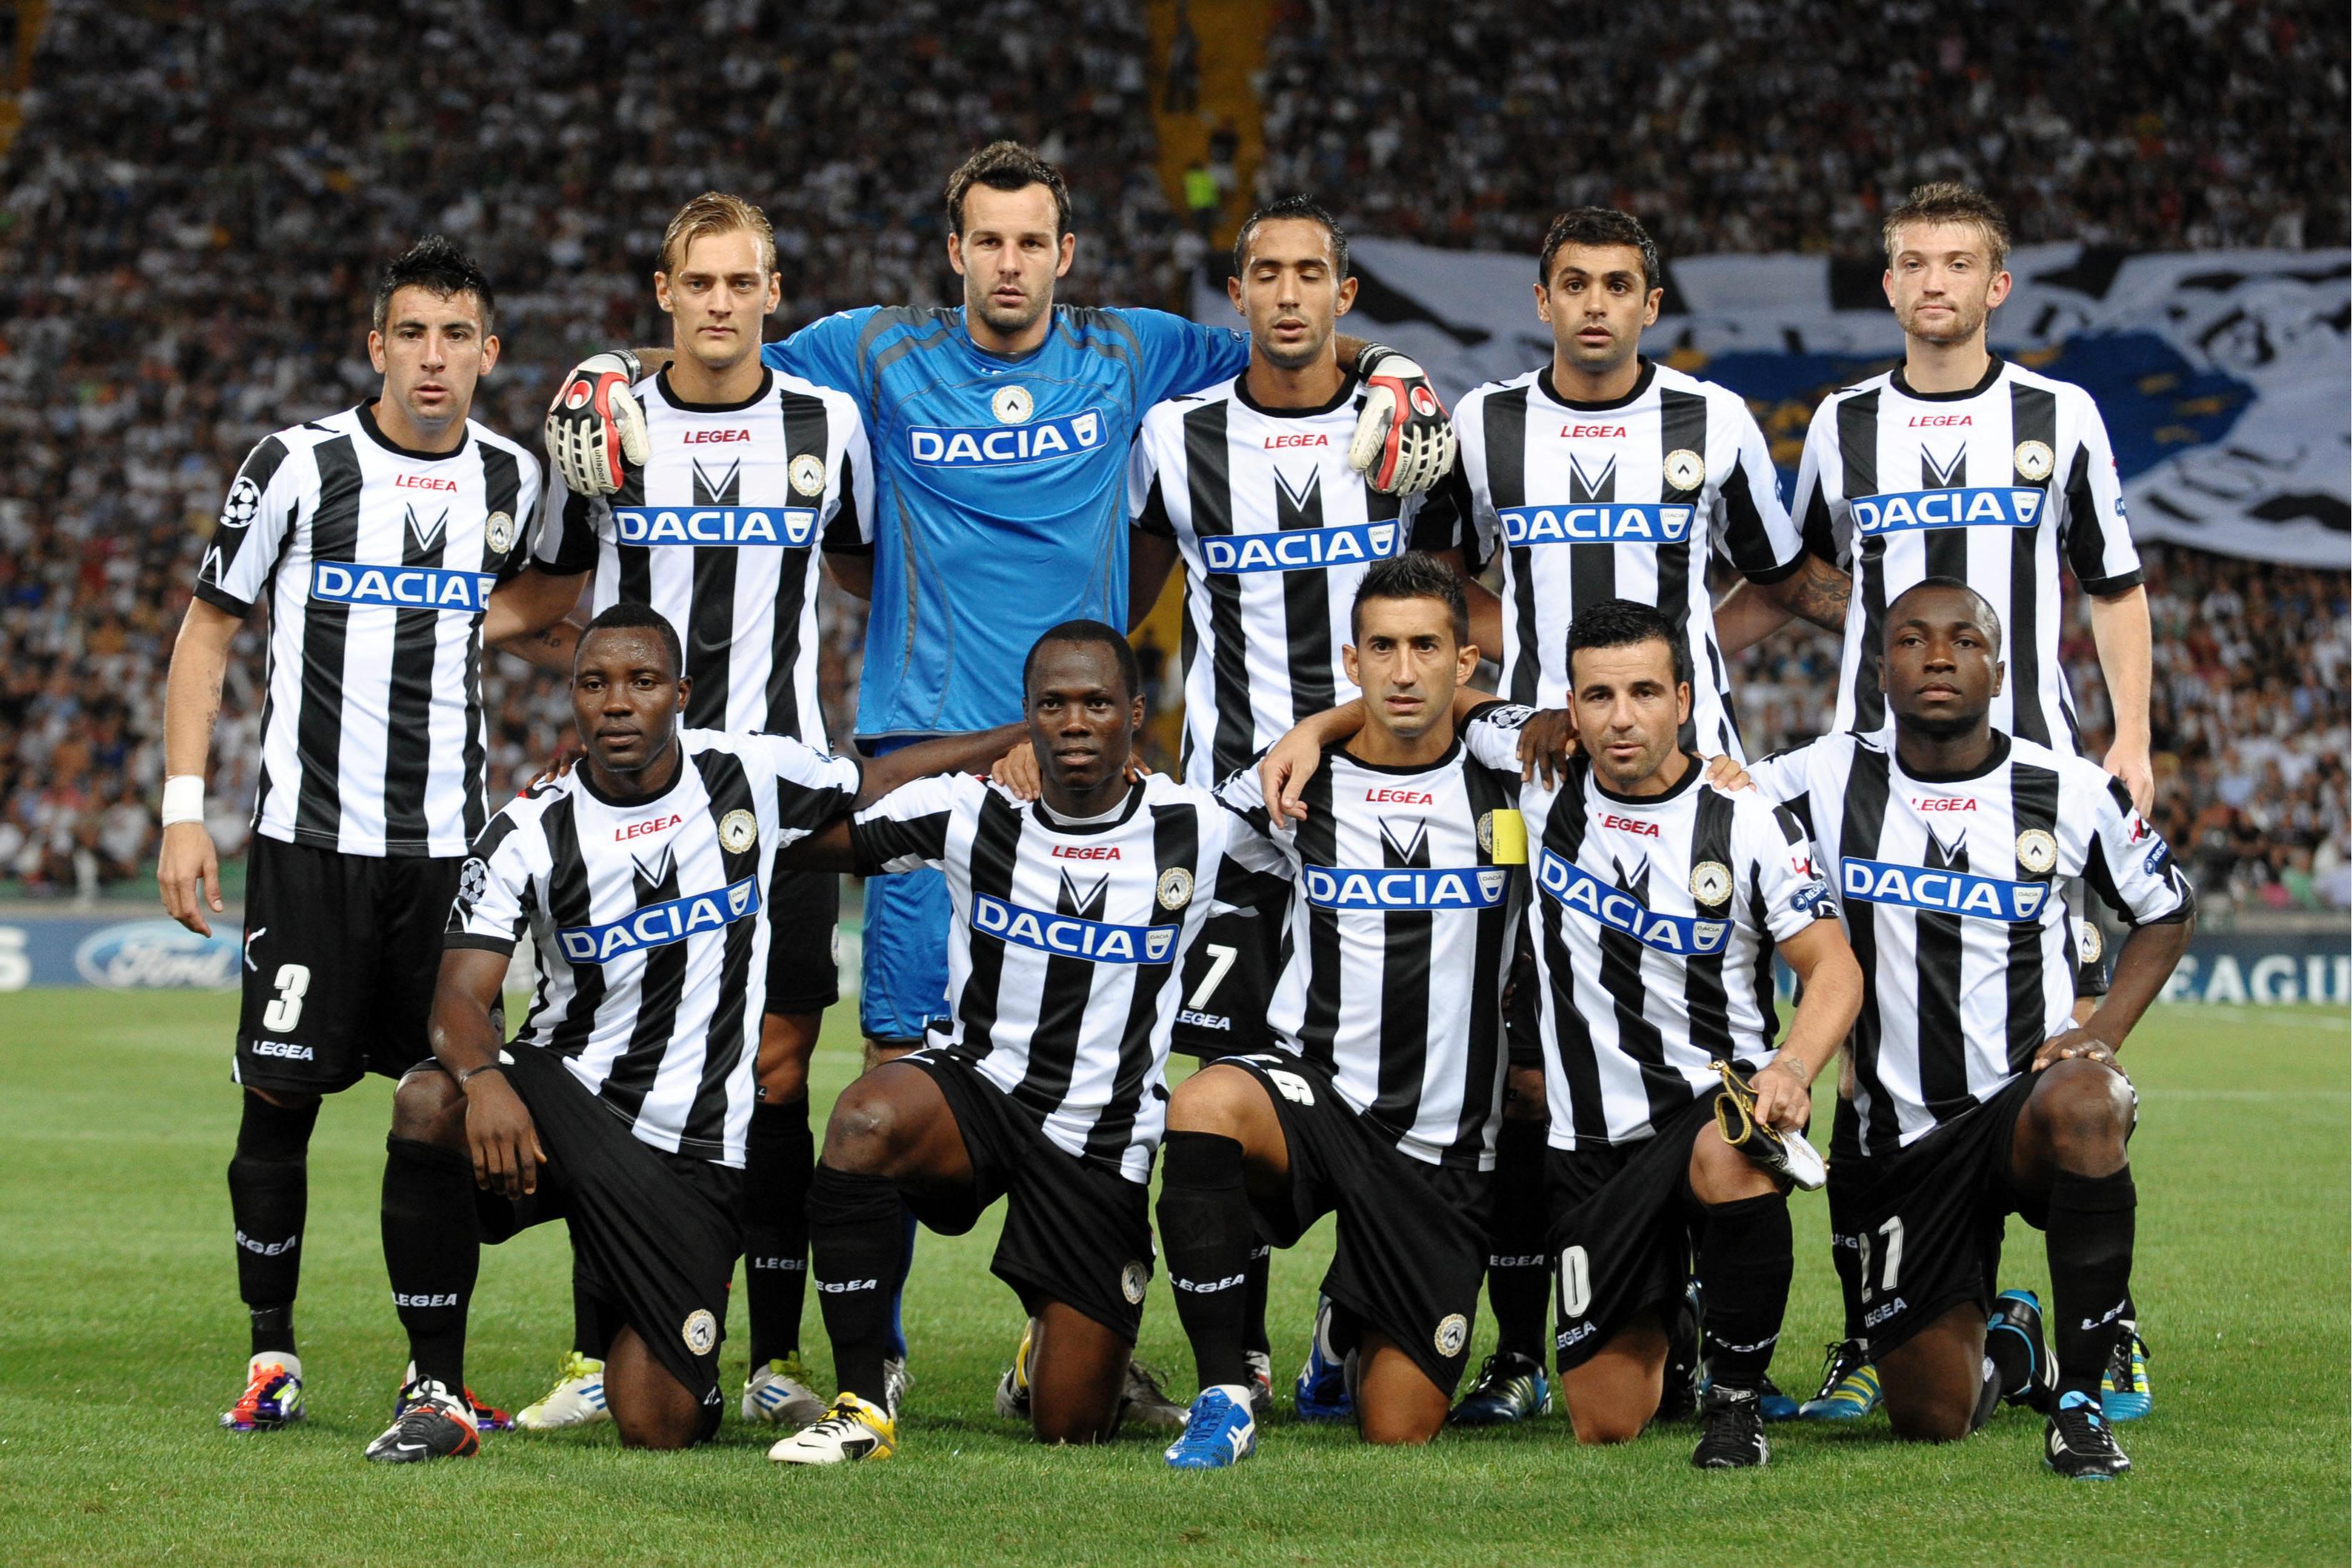 _Udinese_2013_059376_.jpg